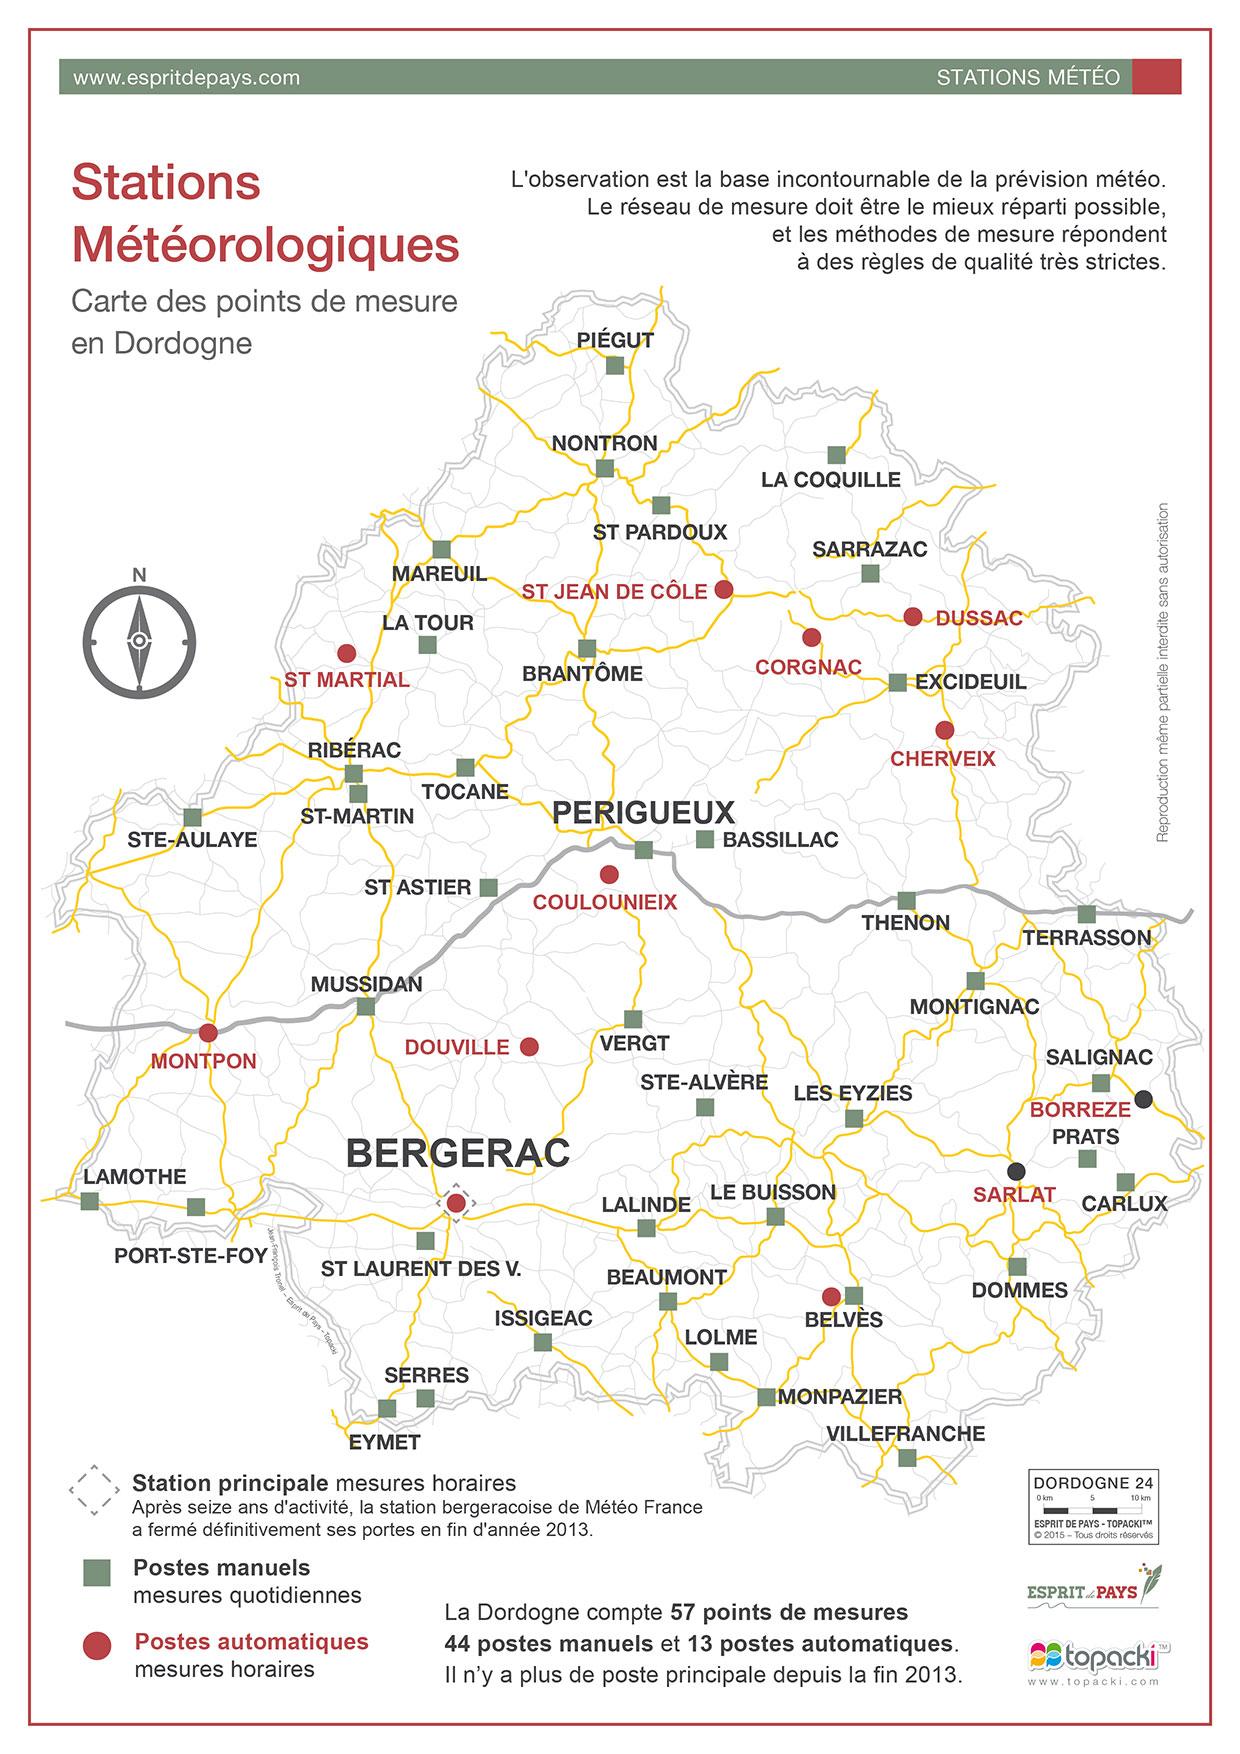 Cartographie : les stations météorologiques en Dordogne